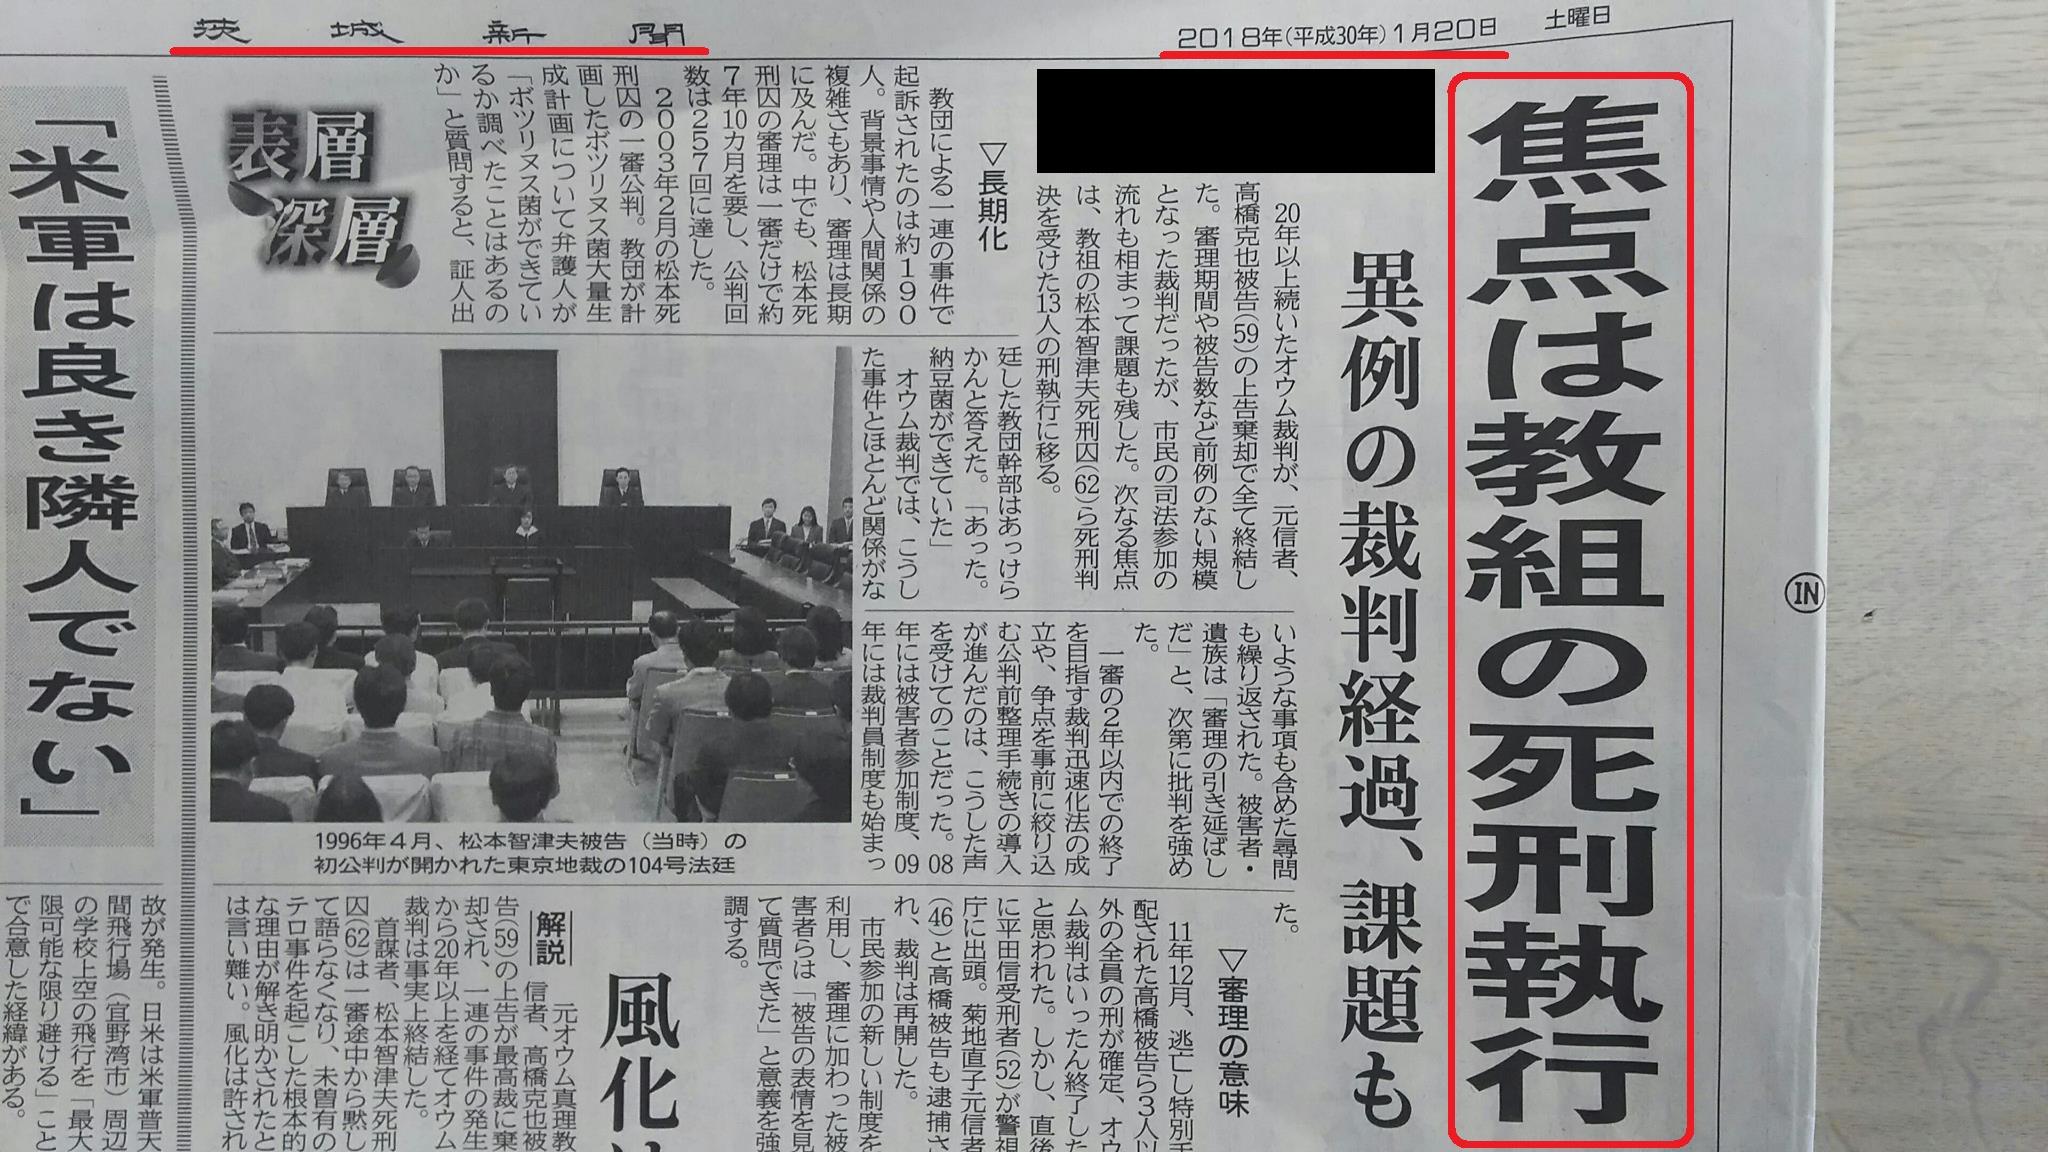 日教組に迫る危機「焦点は教組の死刑執行」茨木新聞が過激な見出し掲載!元民進議員「産経新聞ならやる」